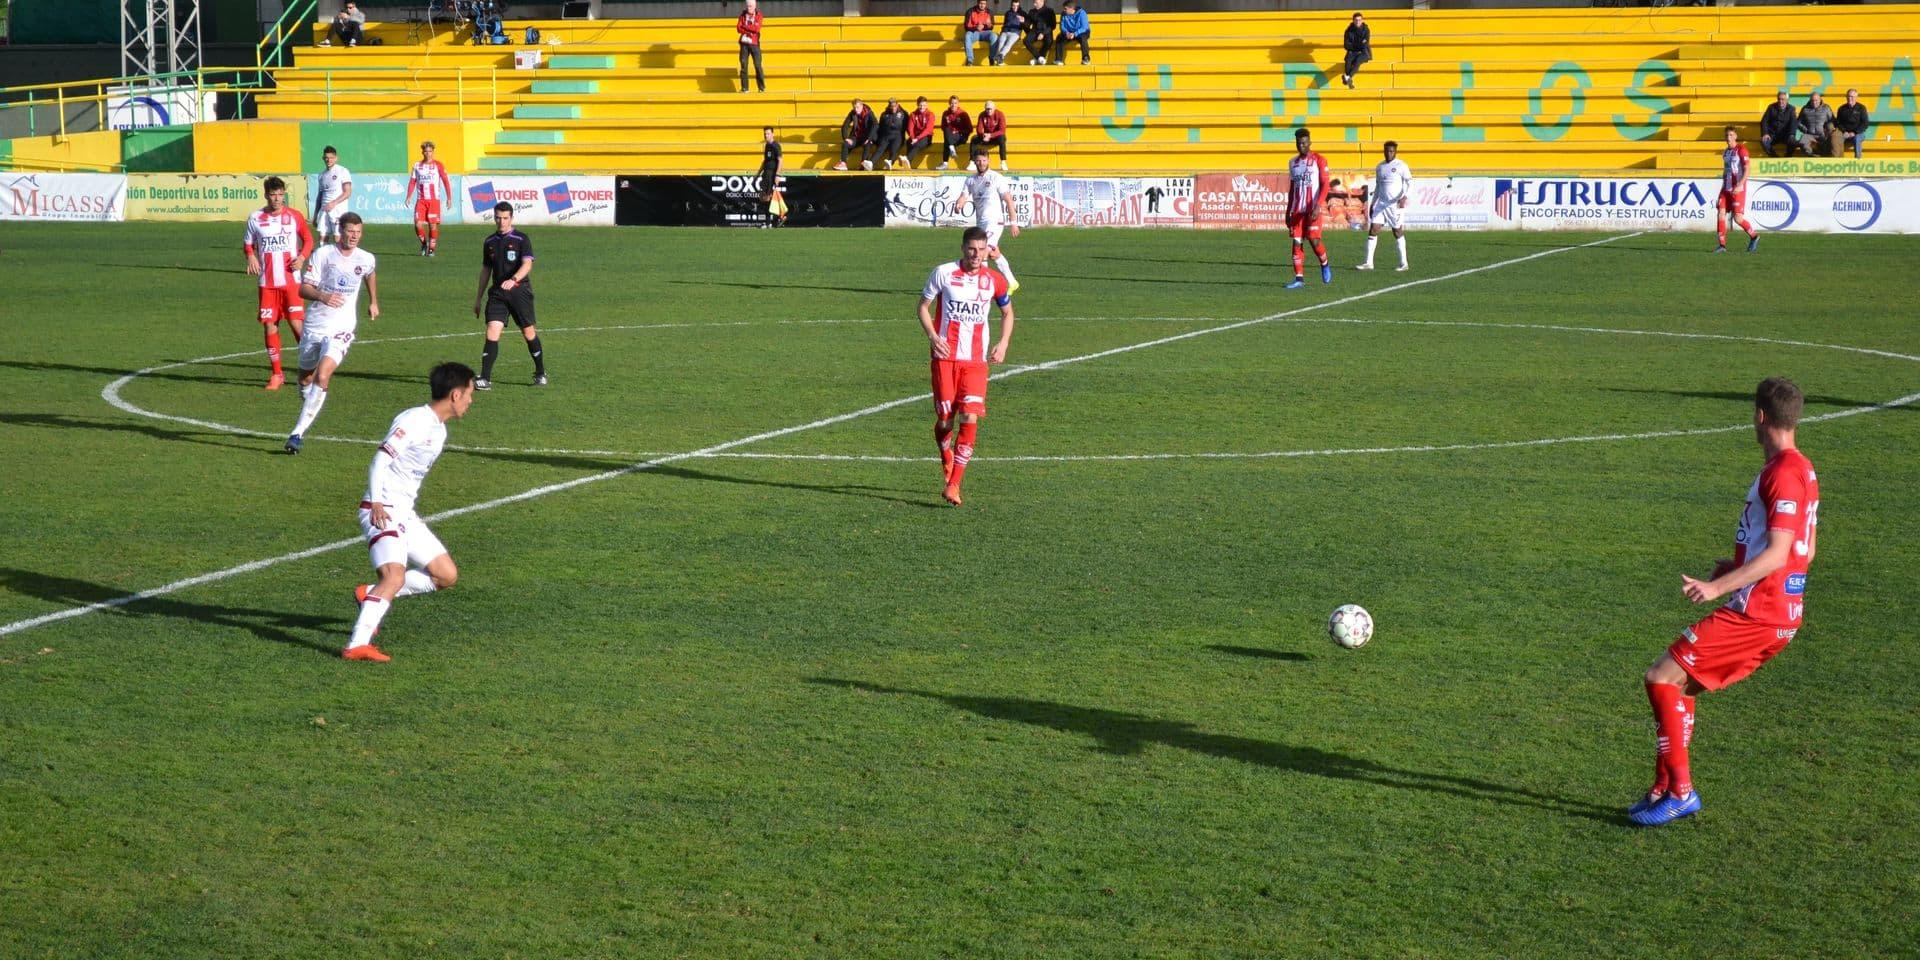 Mouscron s'impose 2-1 face à Nuremberg après une prestation aboutie